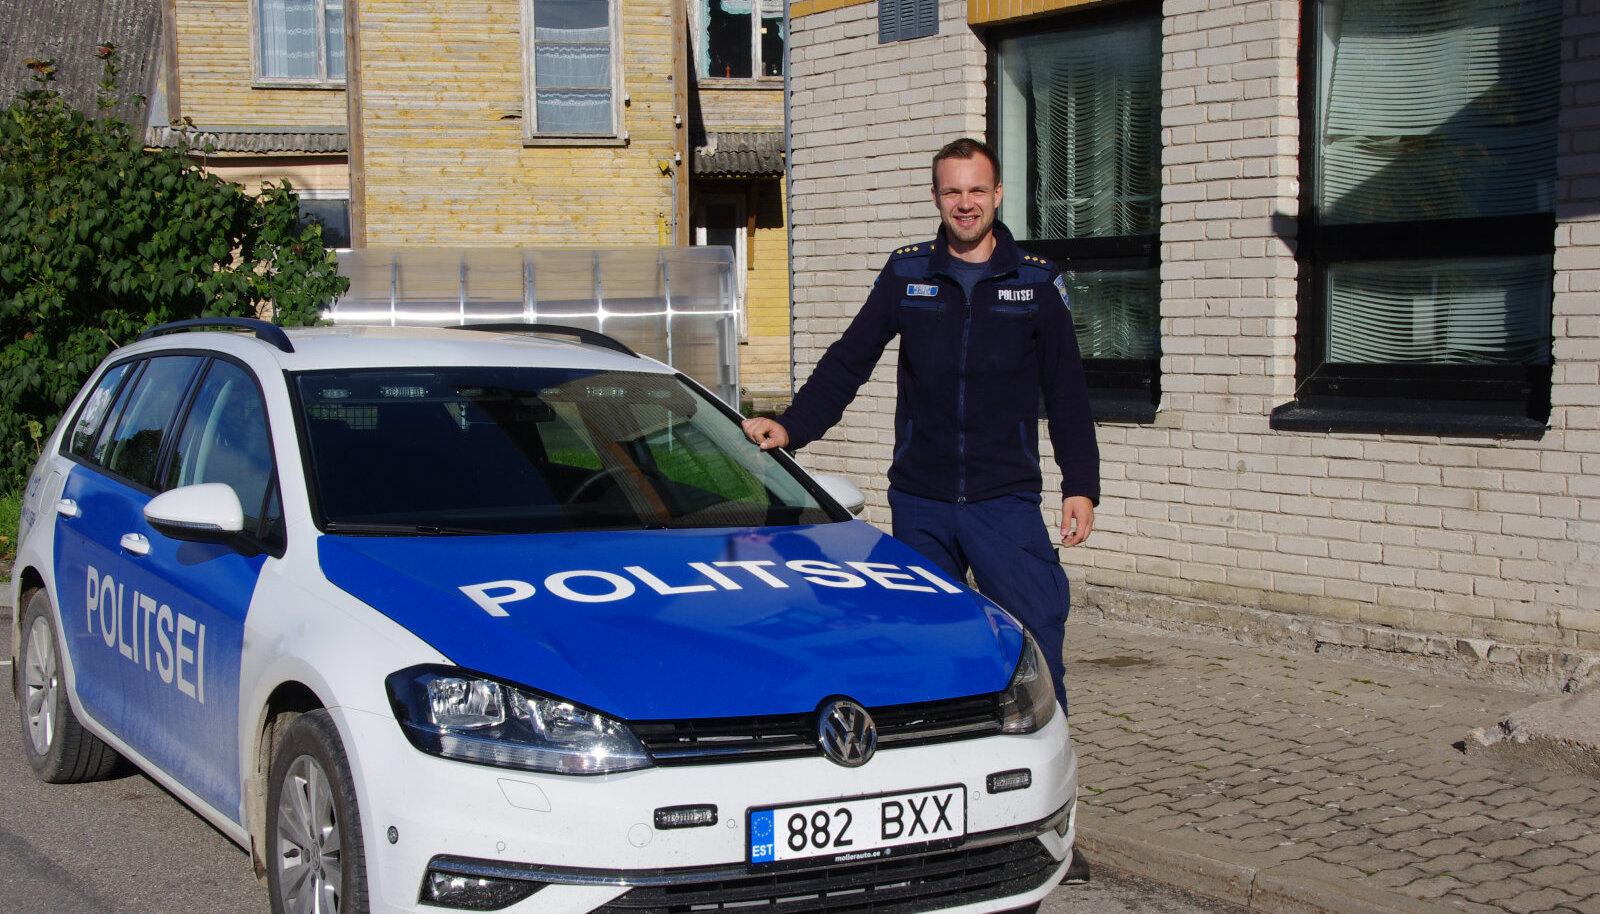 """Pärast kalastuspäeva tuli õhtul vee kohale paks udu ning mehed ei orienteerunud enam oma asukohas,"""" rääkis Kuressaare politseijaoskonna piirkonnapolitseinik Robert Vahter."""